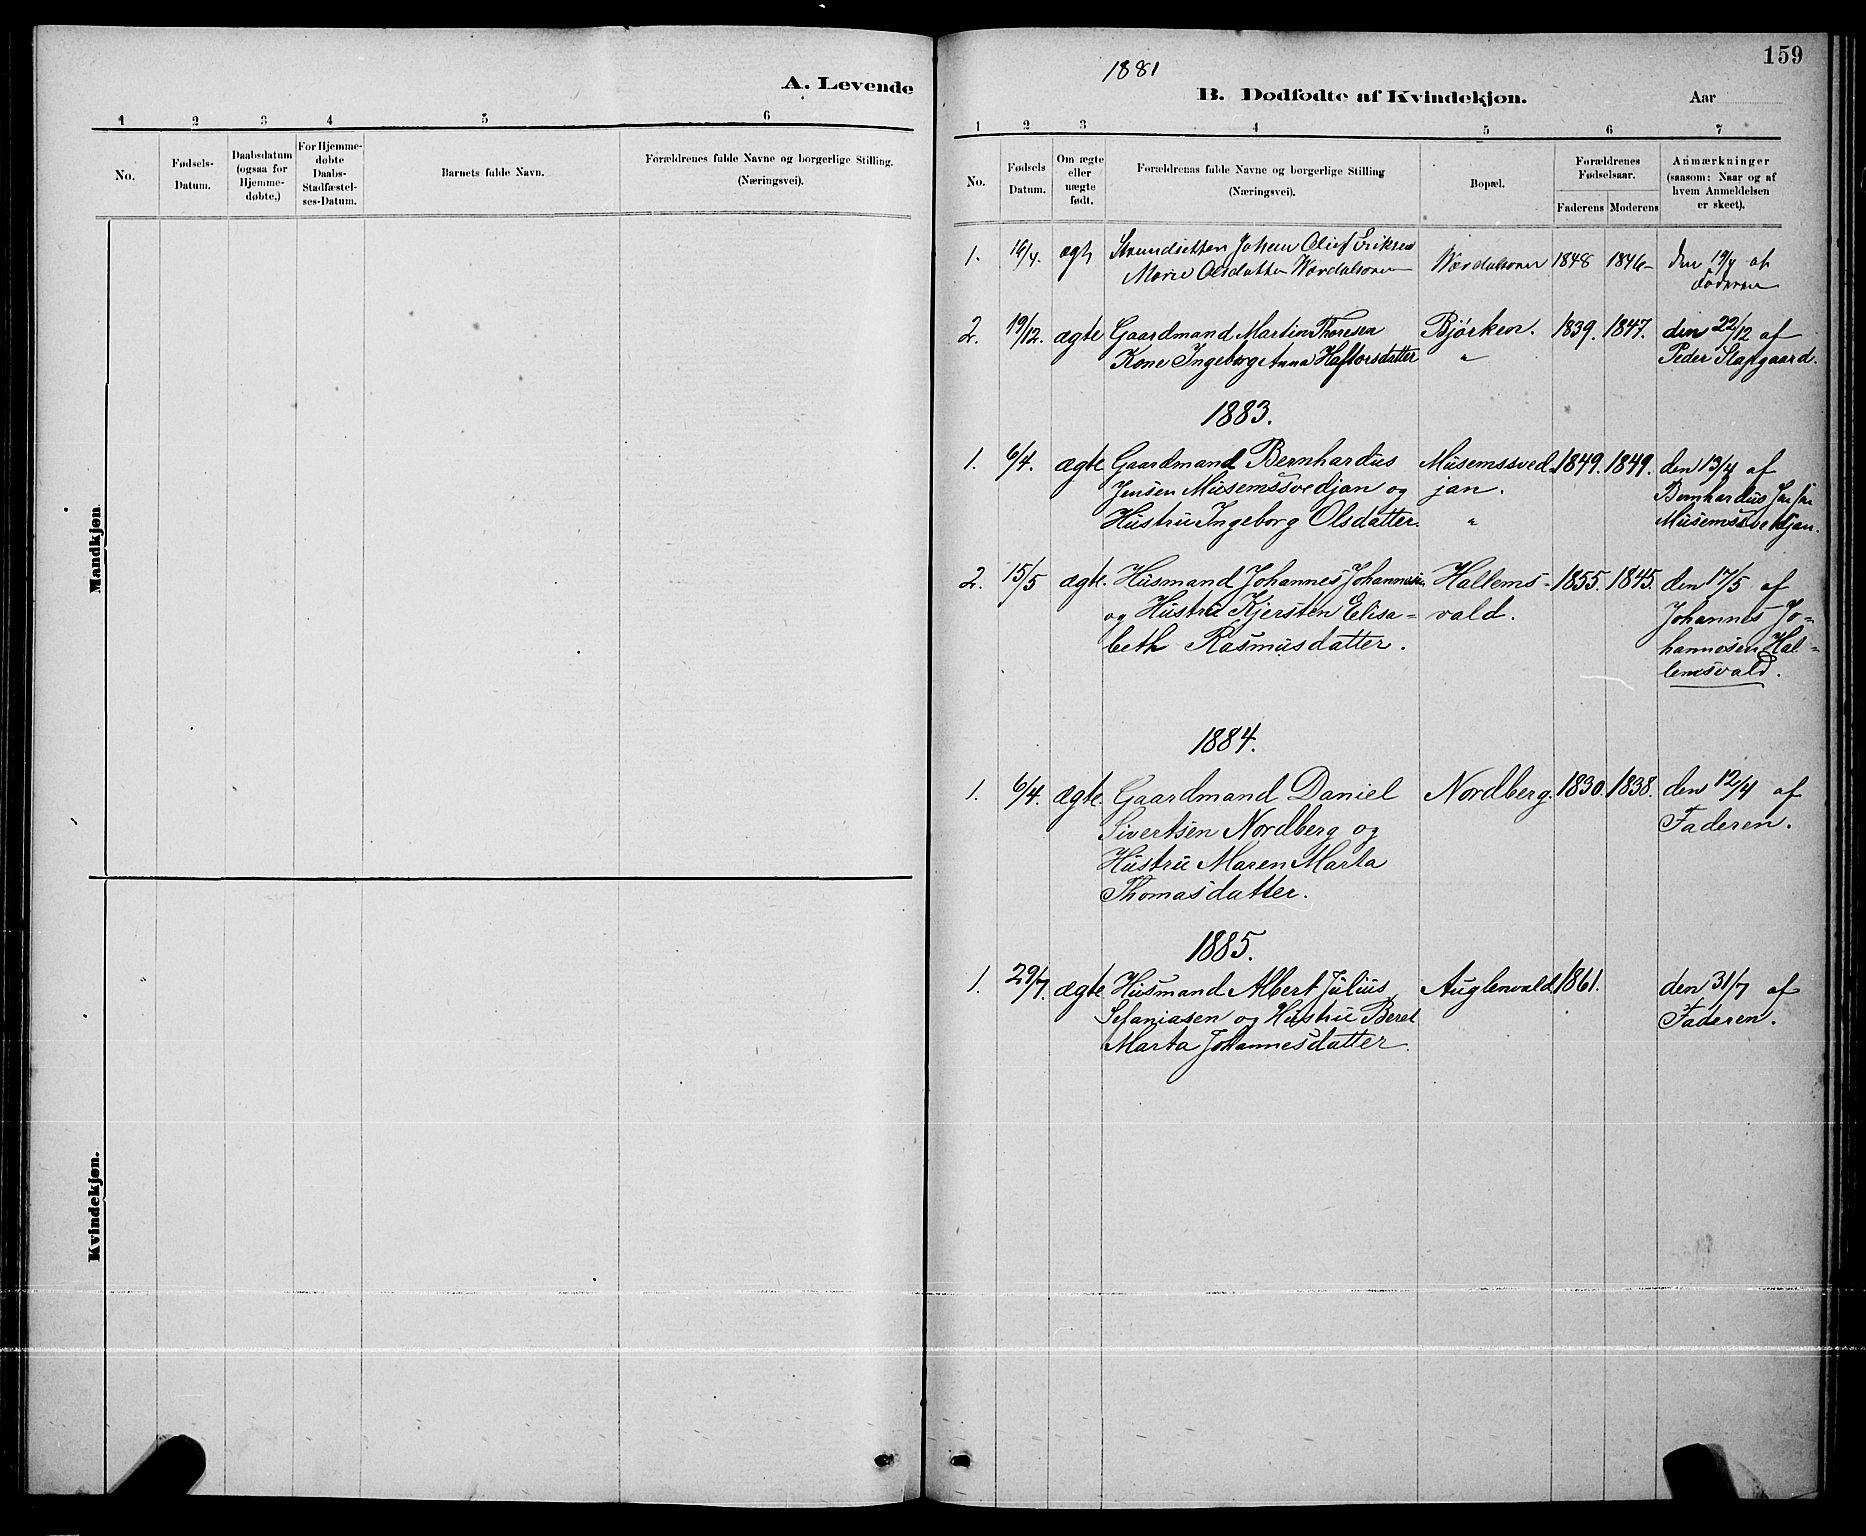 SAT, Ministerialprotokoller, klokkerbøker og fødselsregistre - Nord-Trøndelag, 723/L0256: Klokkerbok nr. 723C04, 1879-1890, s. 159